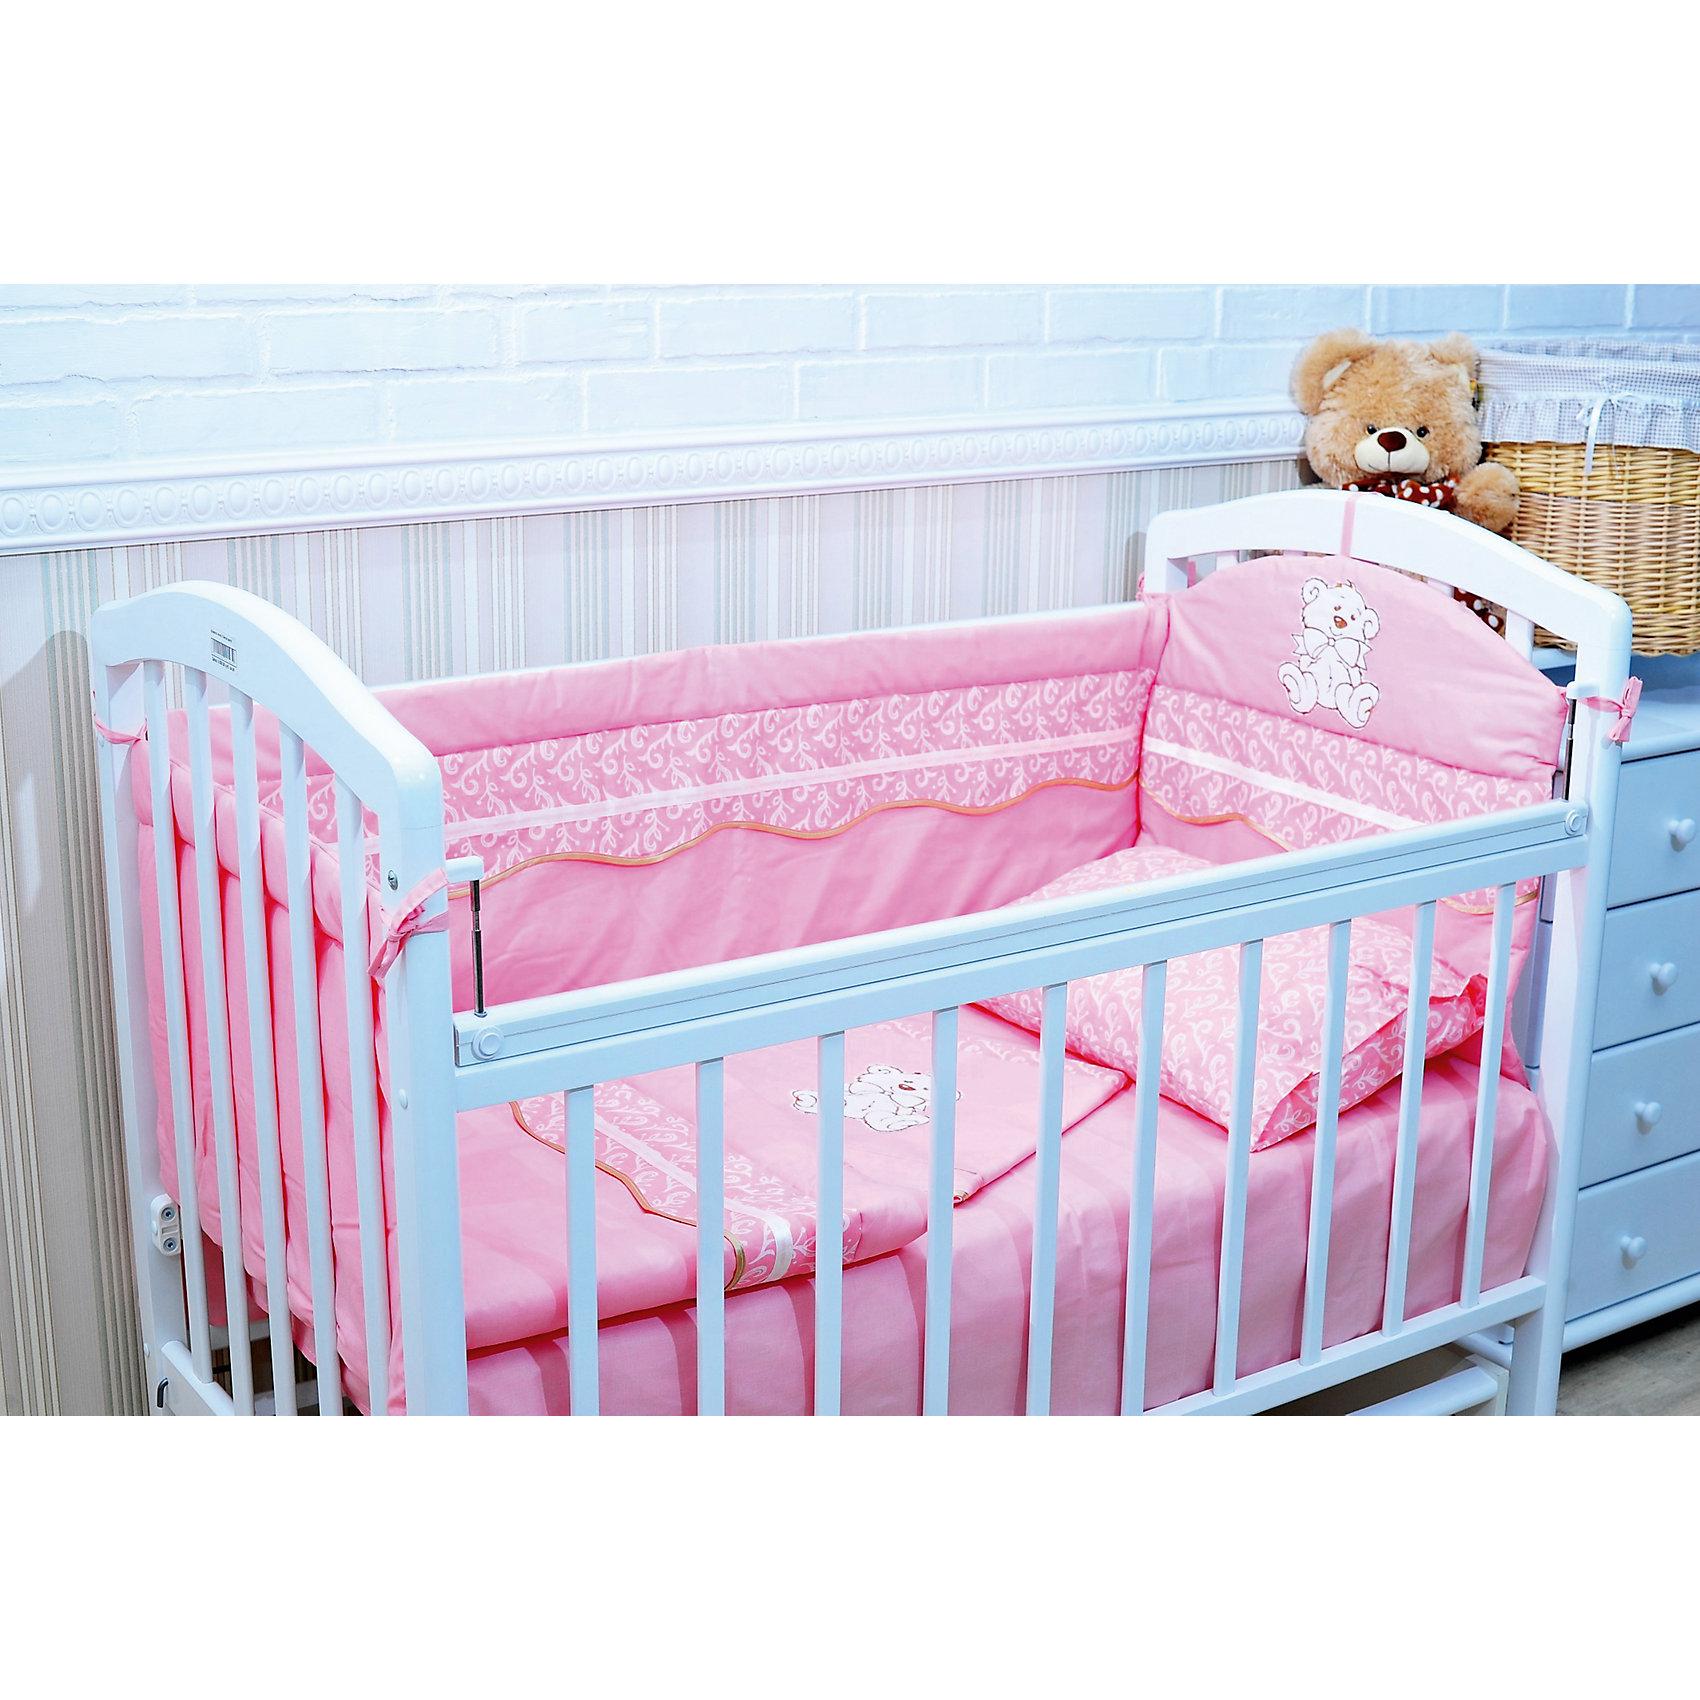 Борт в кроватку, GulSara, 18.27 розовыйКомплект бортов  в кроватку. Ткань: бязь.<br>Наполнение синтепон.<br>Количество раздельных сторон - 4шт<br>Периметр (см) - 360<br>Hmin (см) - 40<br>Hmax  (см) - 55<br><br>Ширина мм: 620<br>Глубина мм: 50<br>Высота мм: 510<br>Вес г: 500<br>Возраст от месяцев: 0<br>Возраст до месяцев: 36<br>Пол: Женский<br>Возраст: Детский<br>SKU: 5433471